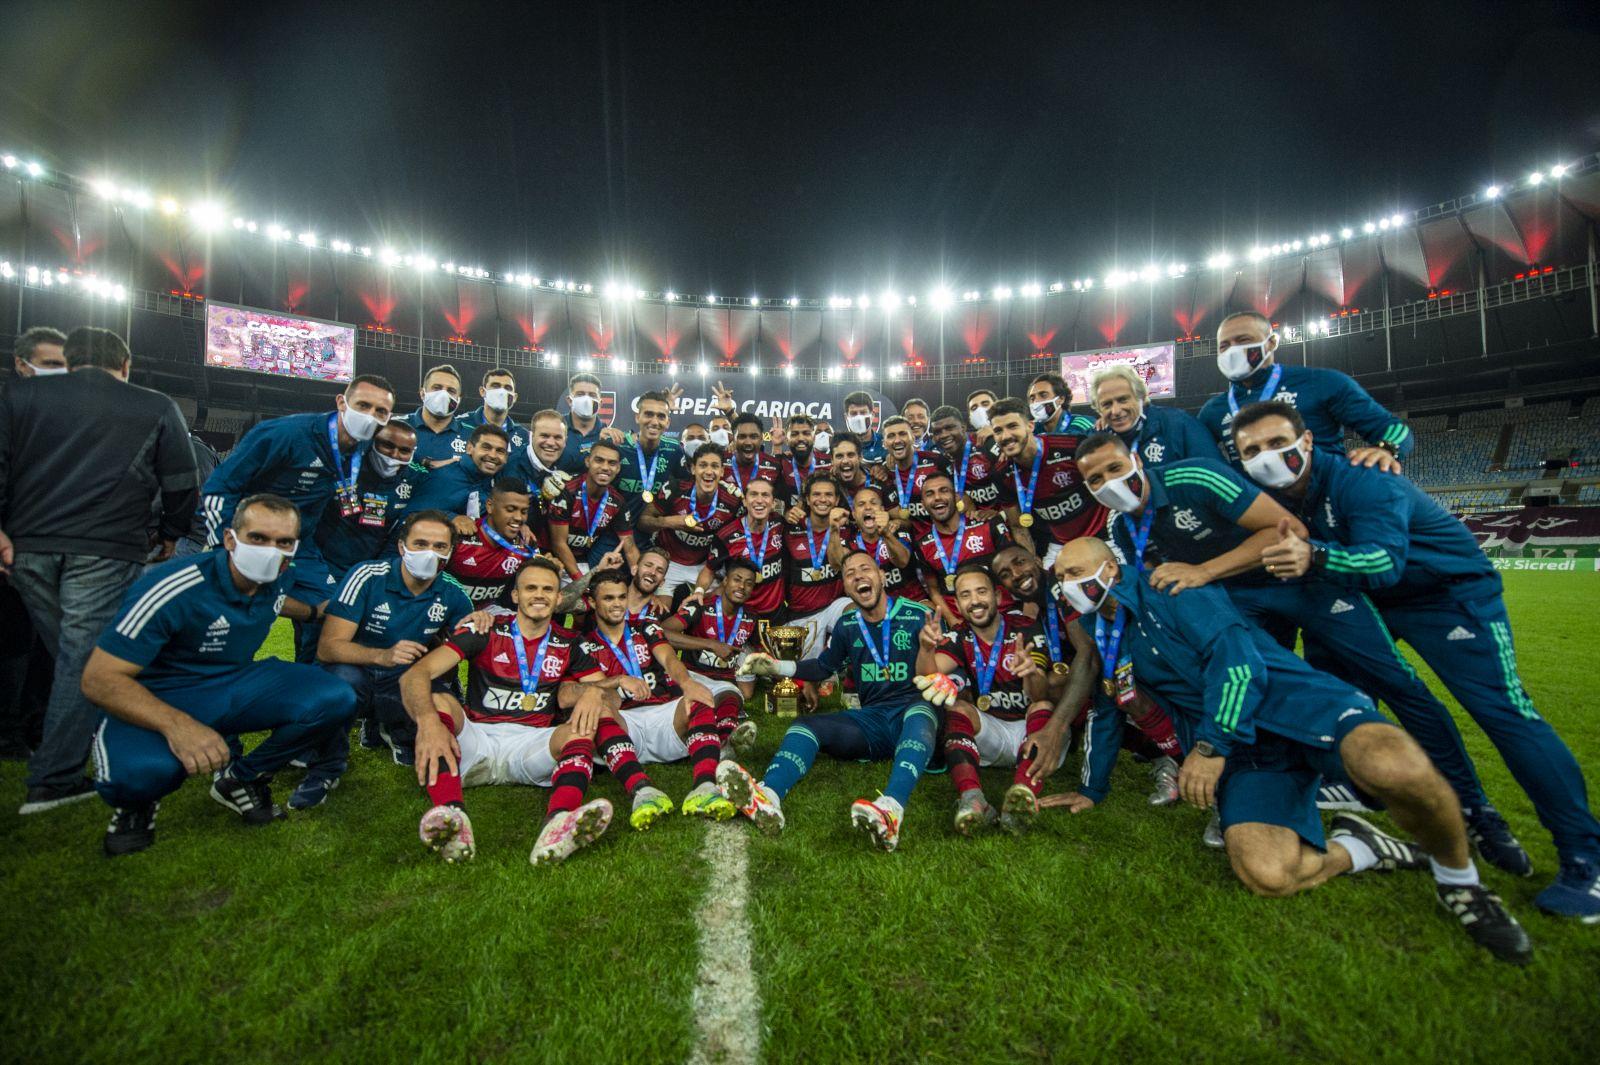 O Flamengo é o atual campeão e o time que detém mais títulos do Campeonato Carioca (Reprodução: Marcelo Cortes)